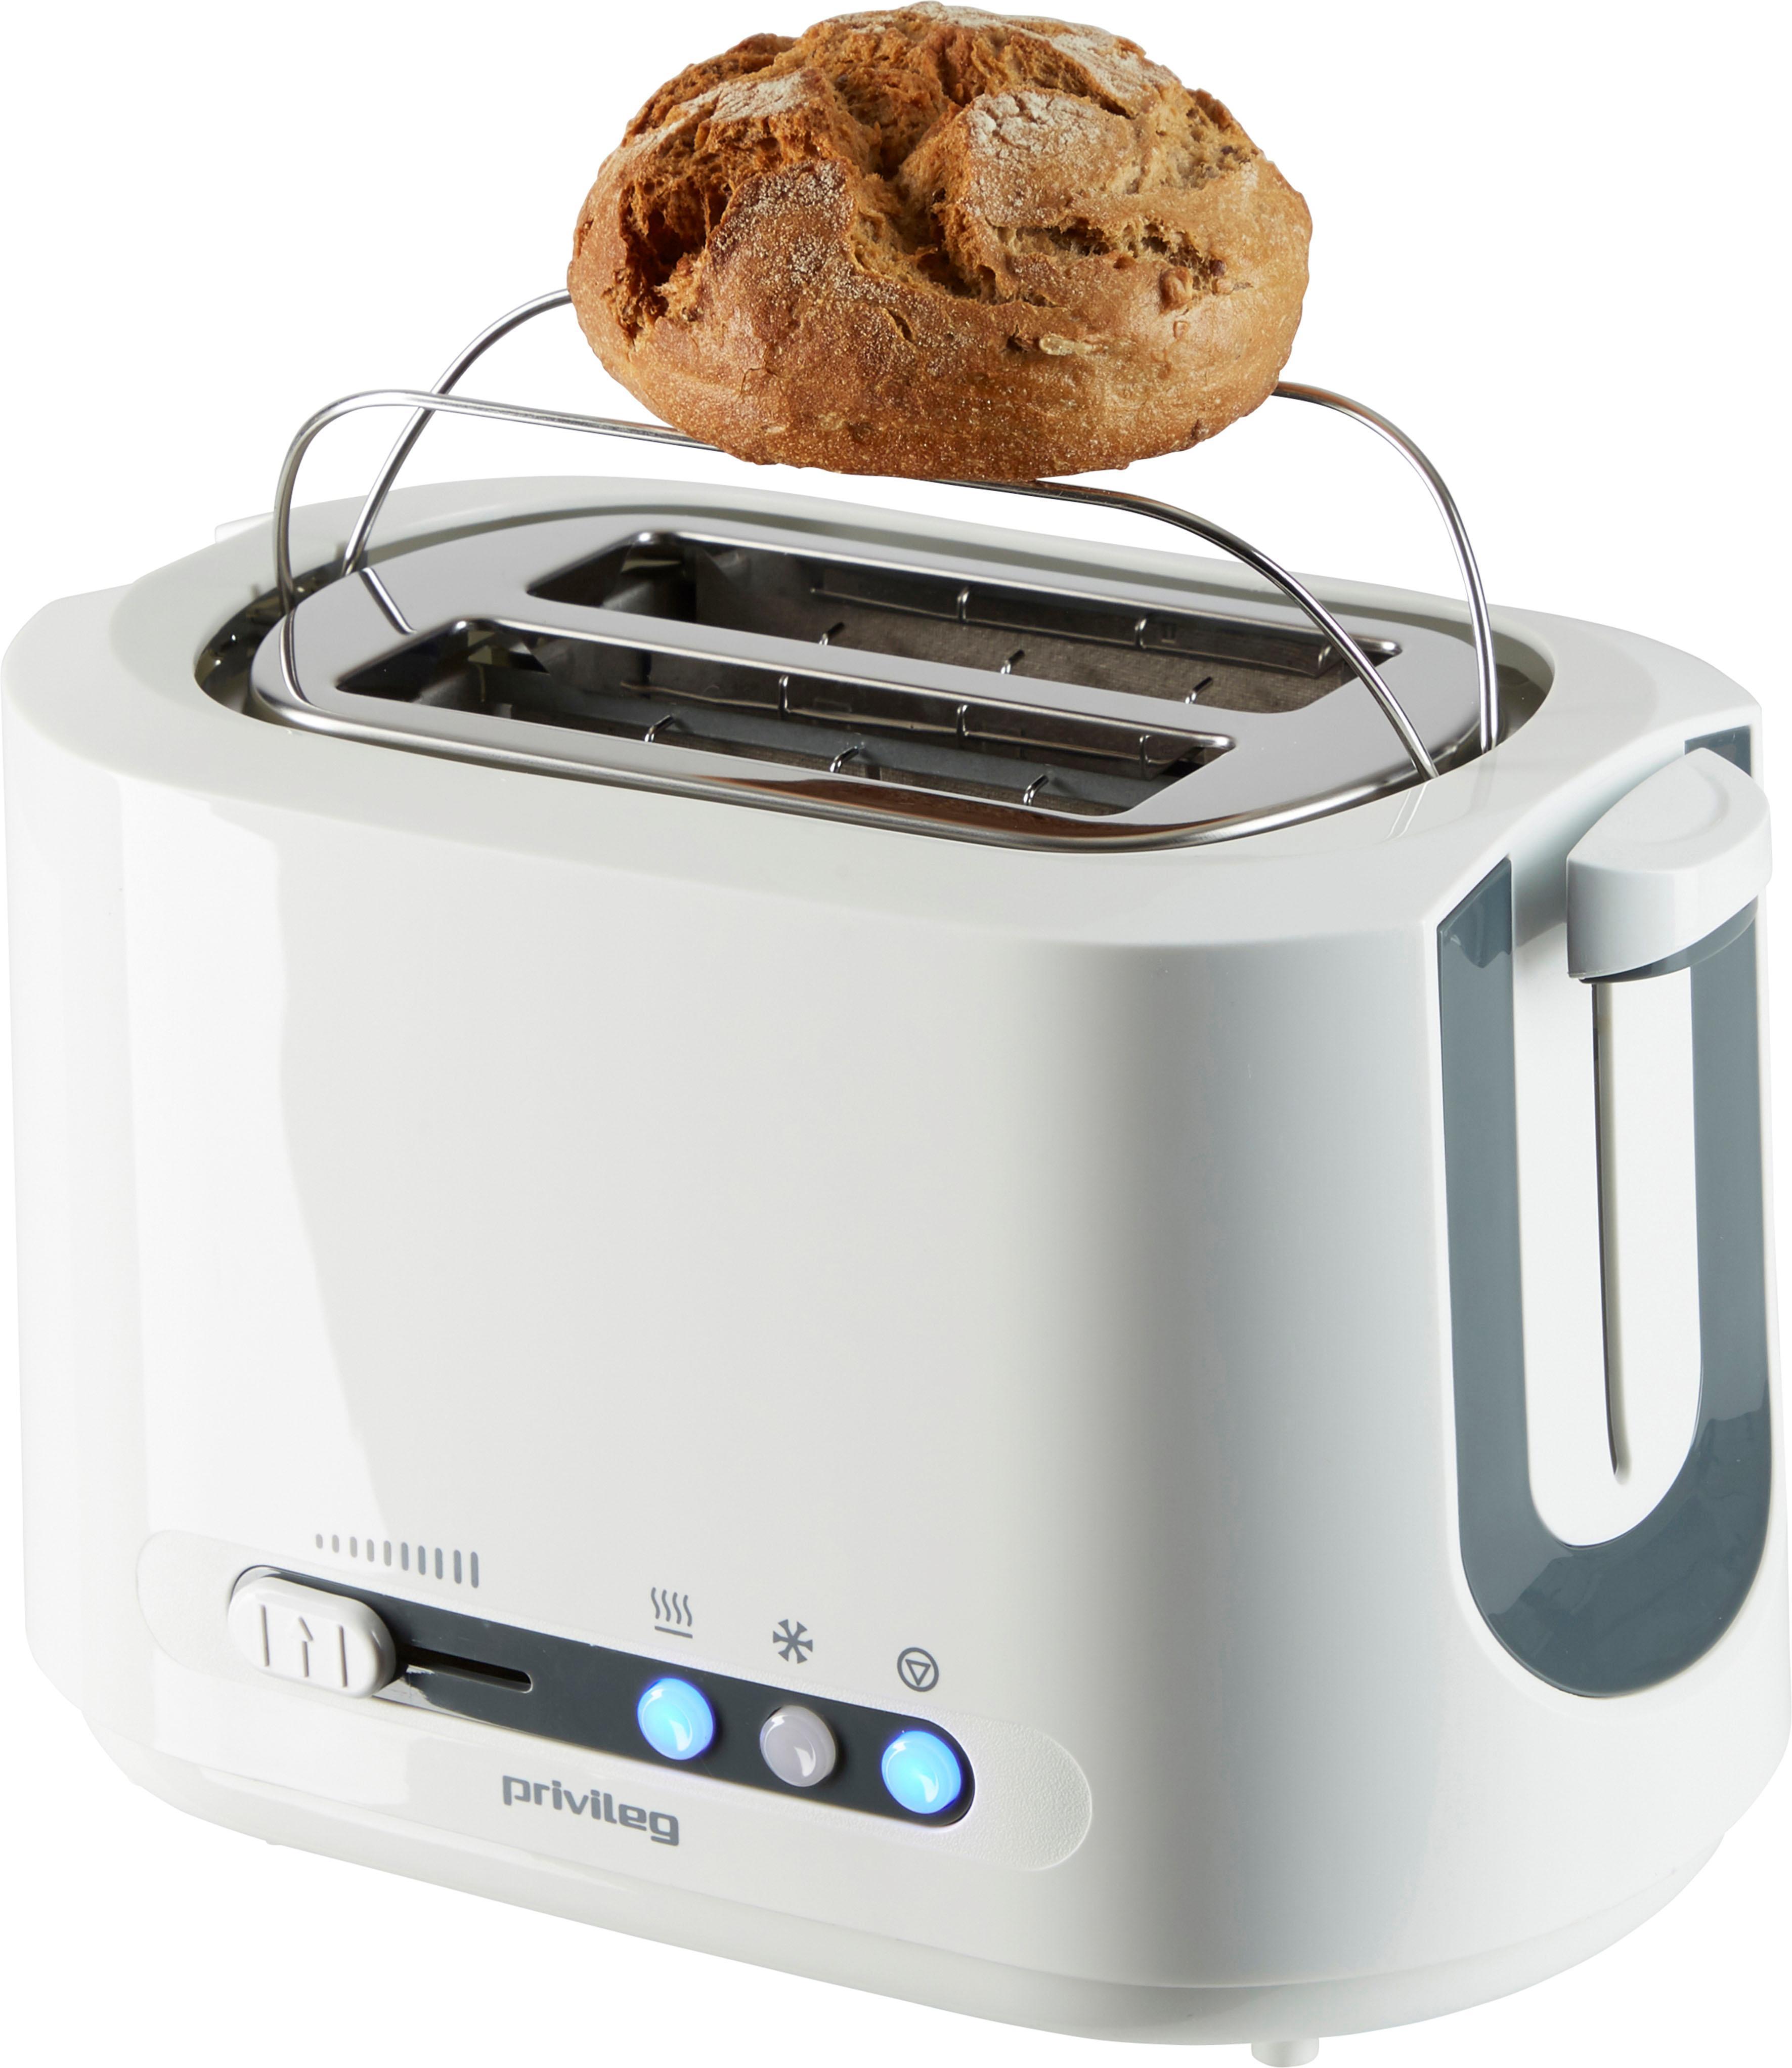 privileg toaster ta8145 f r 2 scheiben 850 watt auf. Black Bedroom Furniture Sets. Home Design Ideas